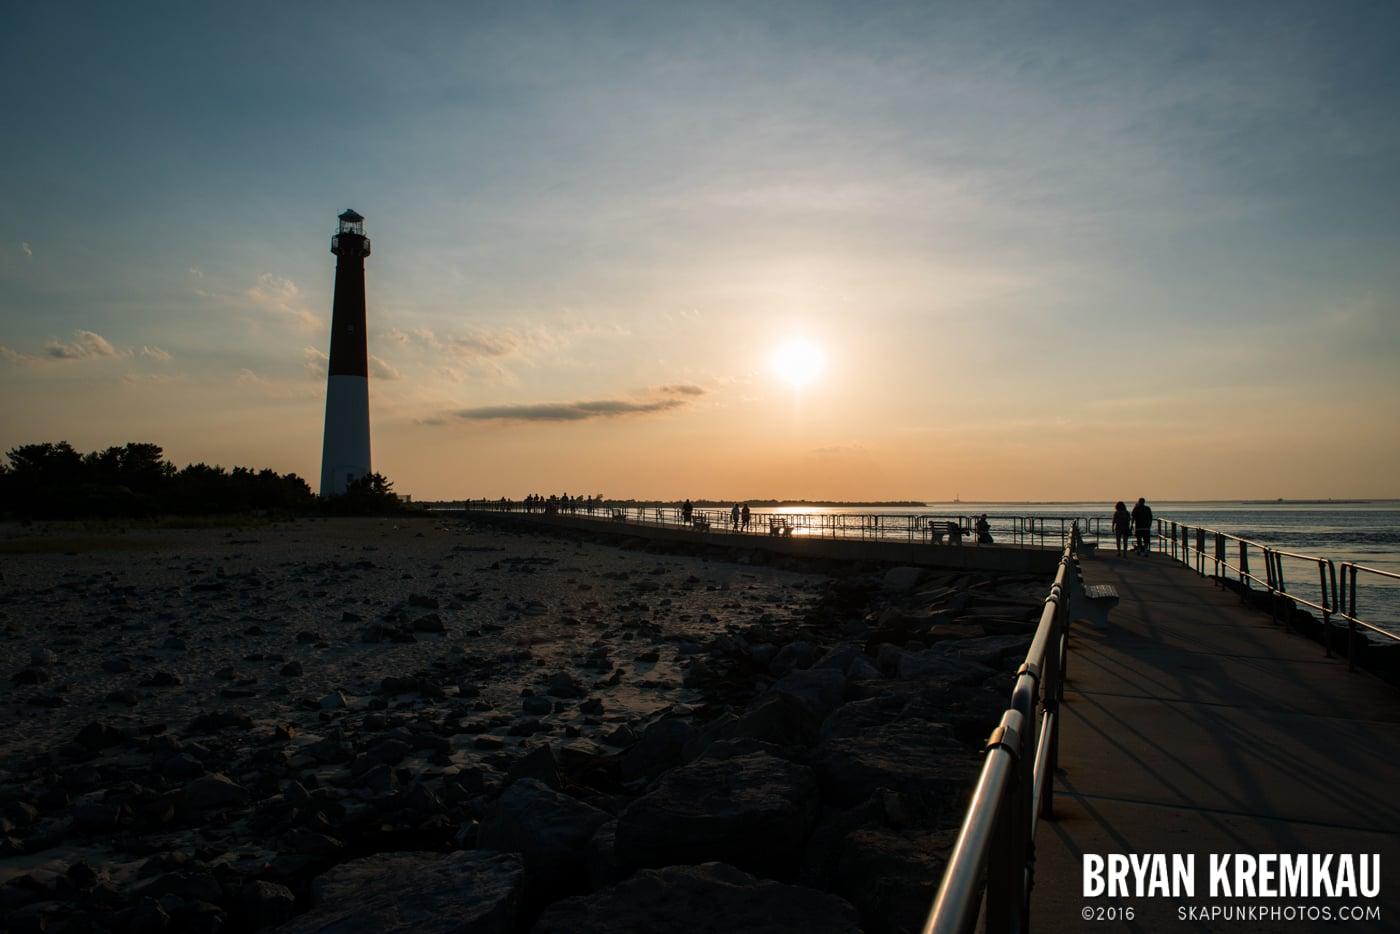 Beach Haven, Long Beach Island, NJ - 6.16.14 - 6.18.14 (20)